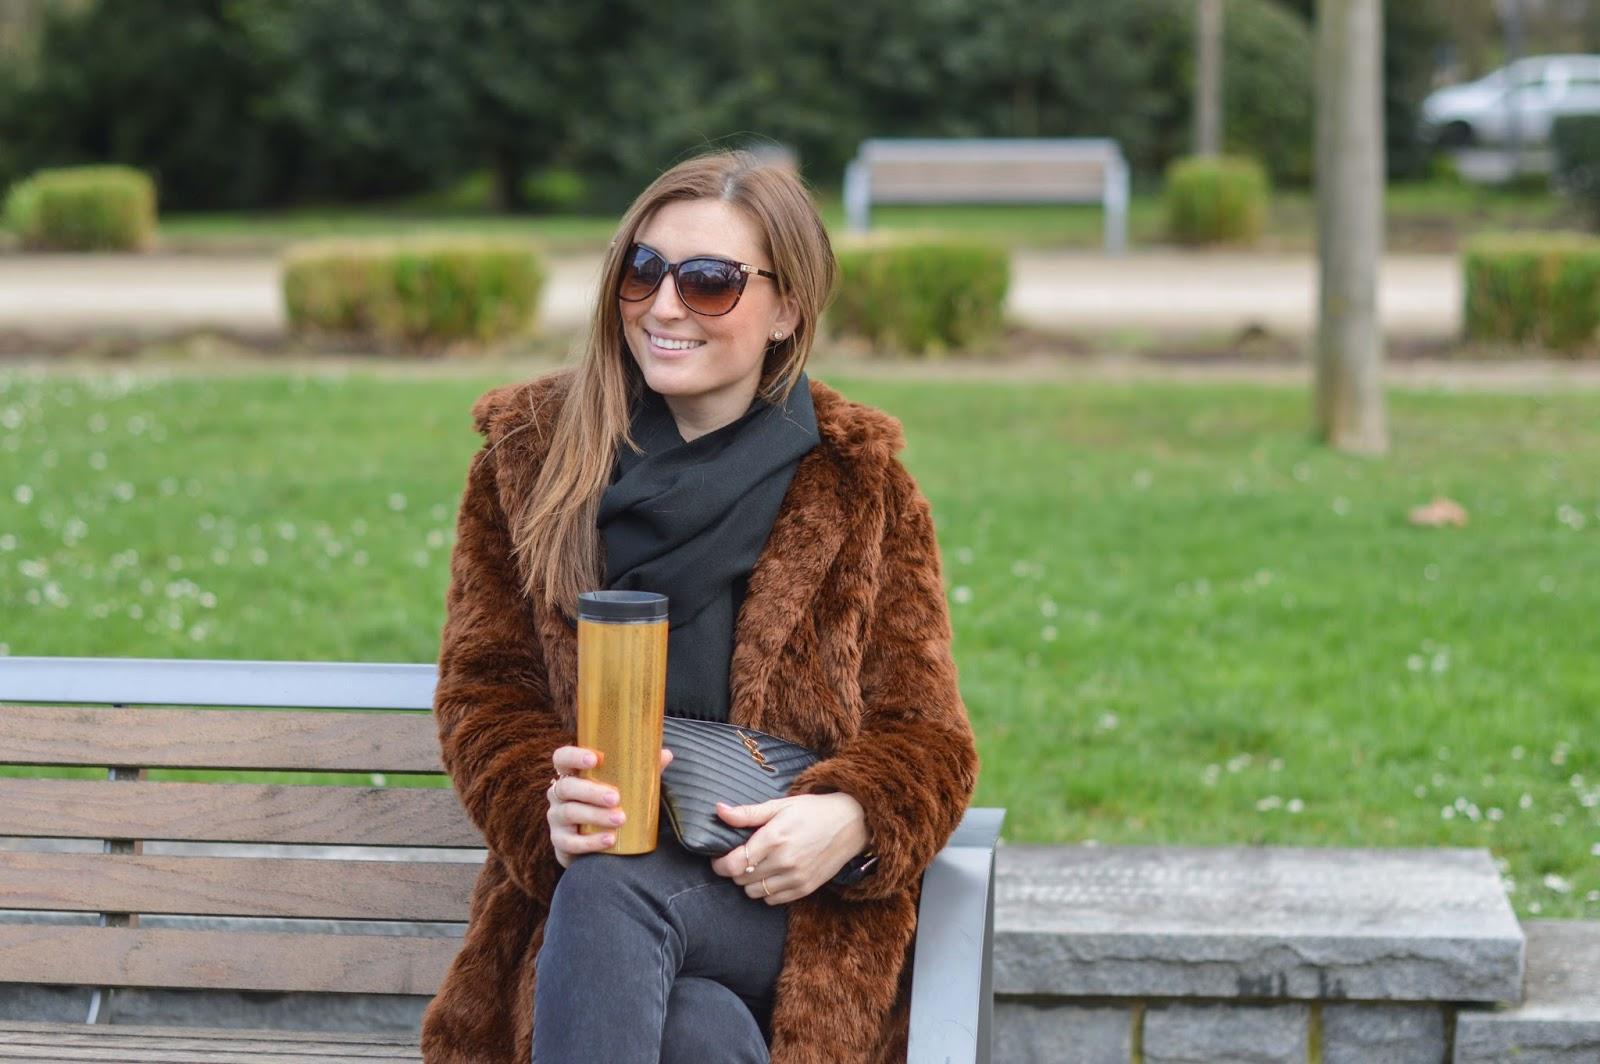 YSL Clutsch - Fashionblogger aus Deutschland - Deutsche Fashionblogger - Braune Fakefur Jacke - Streetstylelook Blogger - Frankfurt Fashionblogger